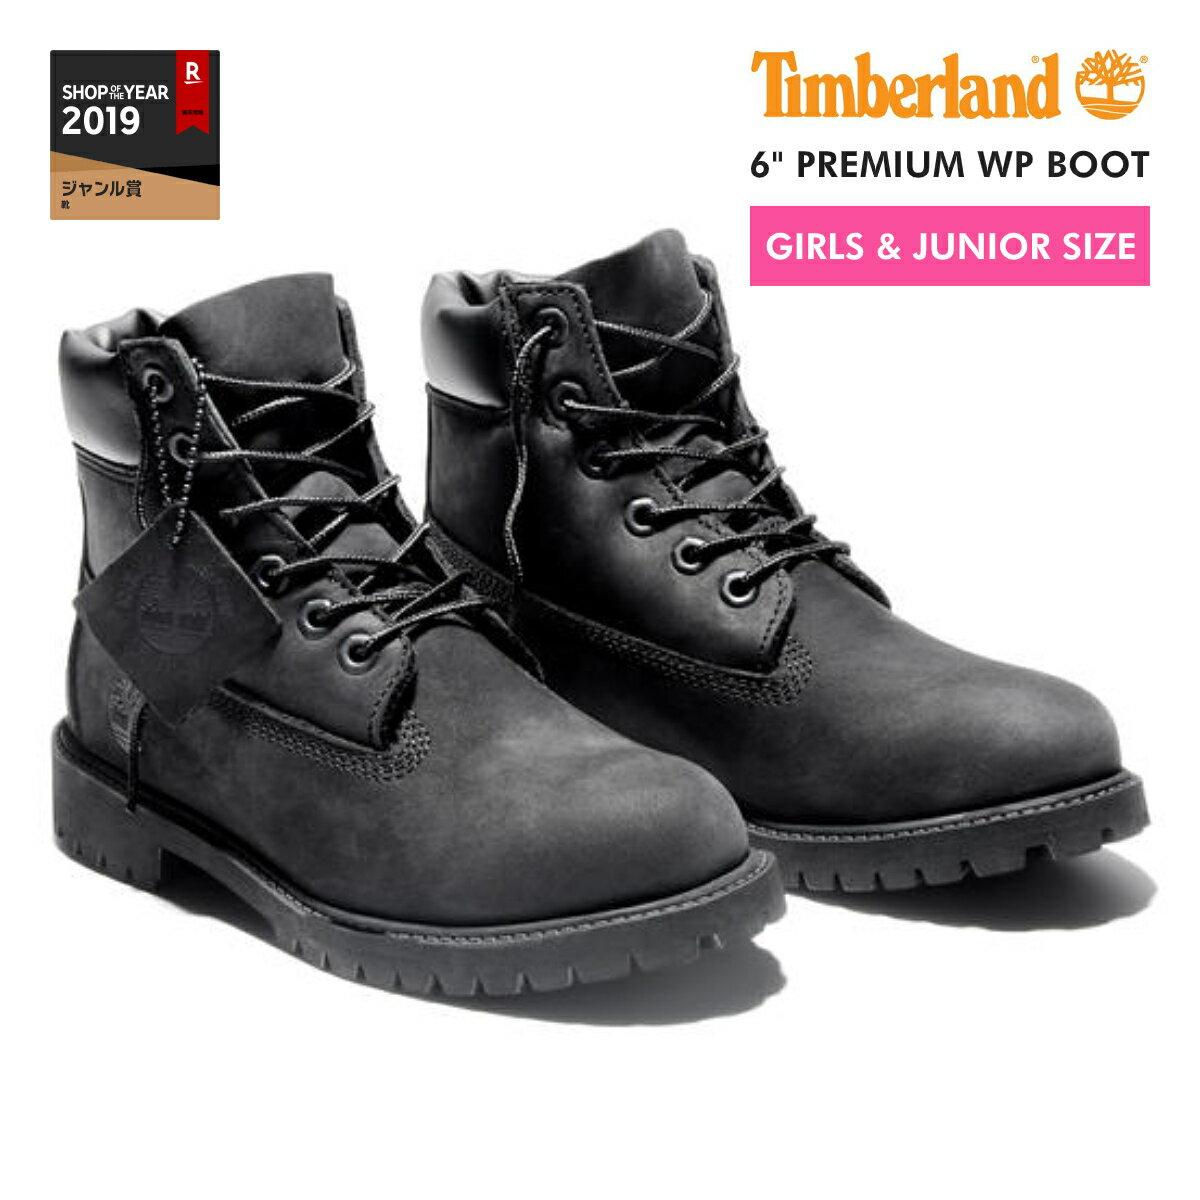 【大人気の女の子サイズ♪】 TIMBERLAND 6inch PREMIUM BOOT ティンバーランド 6インチ プレミアム ブーツ 【JUNIOR'S】 BLACK 【レディース】 12907